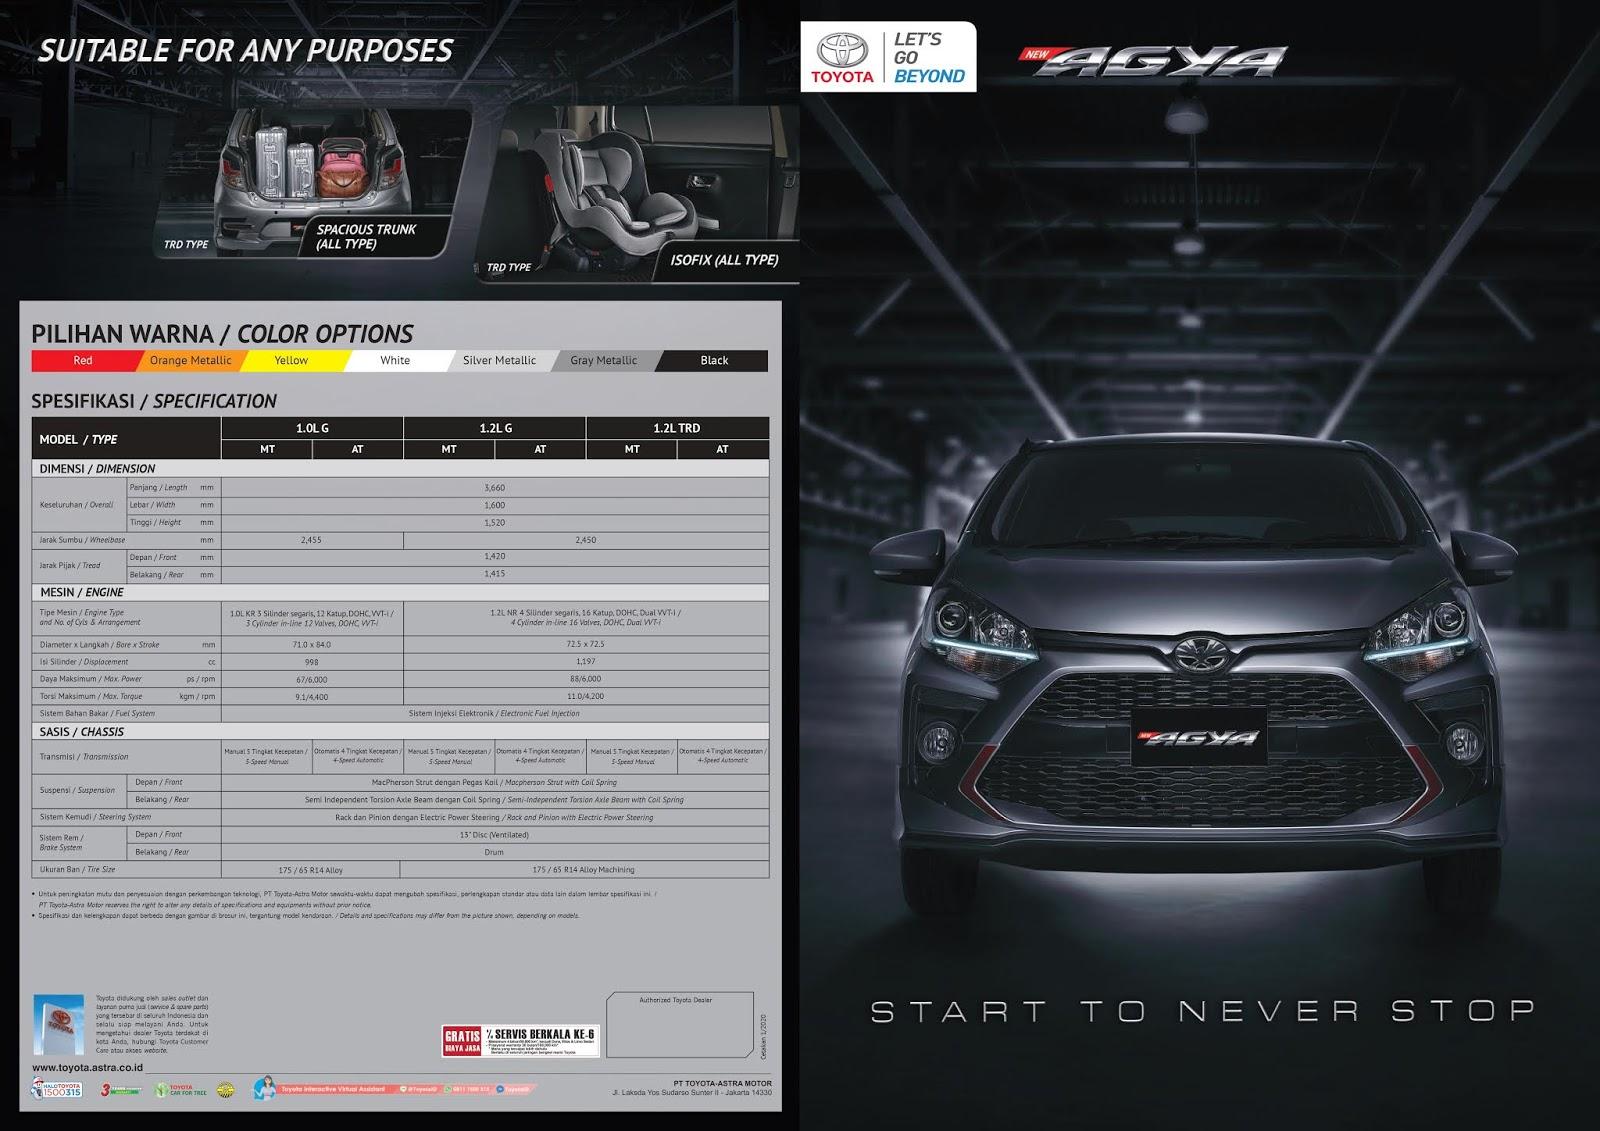 12 september 2021 edukasi otomotifastra toyota lampung, auto2000 bandar lampung,. New Agya - Info Promo & Harga Toyota Agya Bali 2021